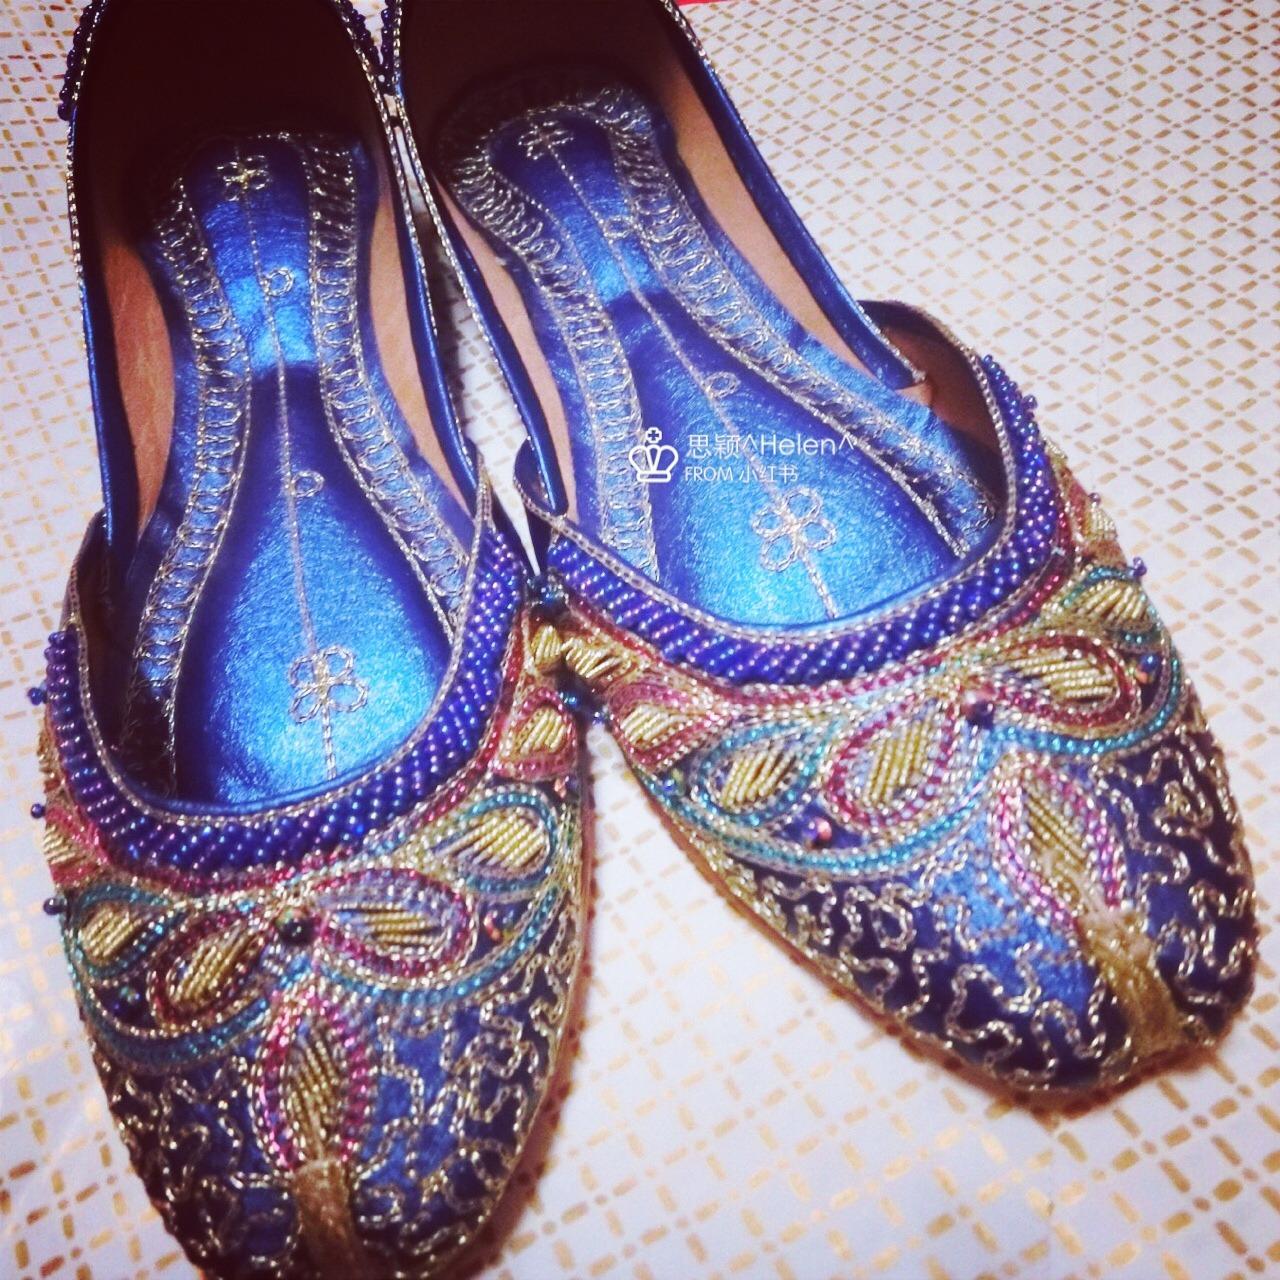 就非常喜欢具有民族风情的物品,无意间在淘宝看到民族风手工鞋,一眼看